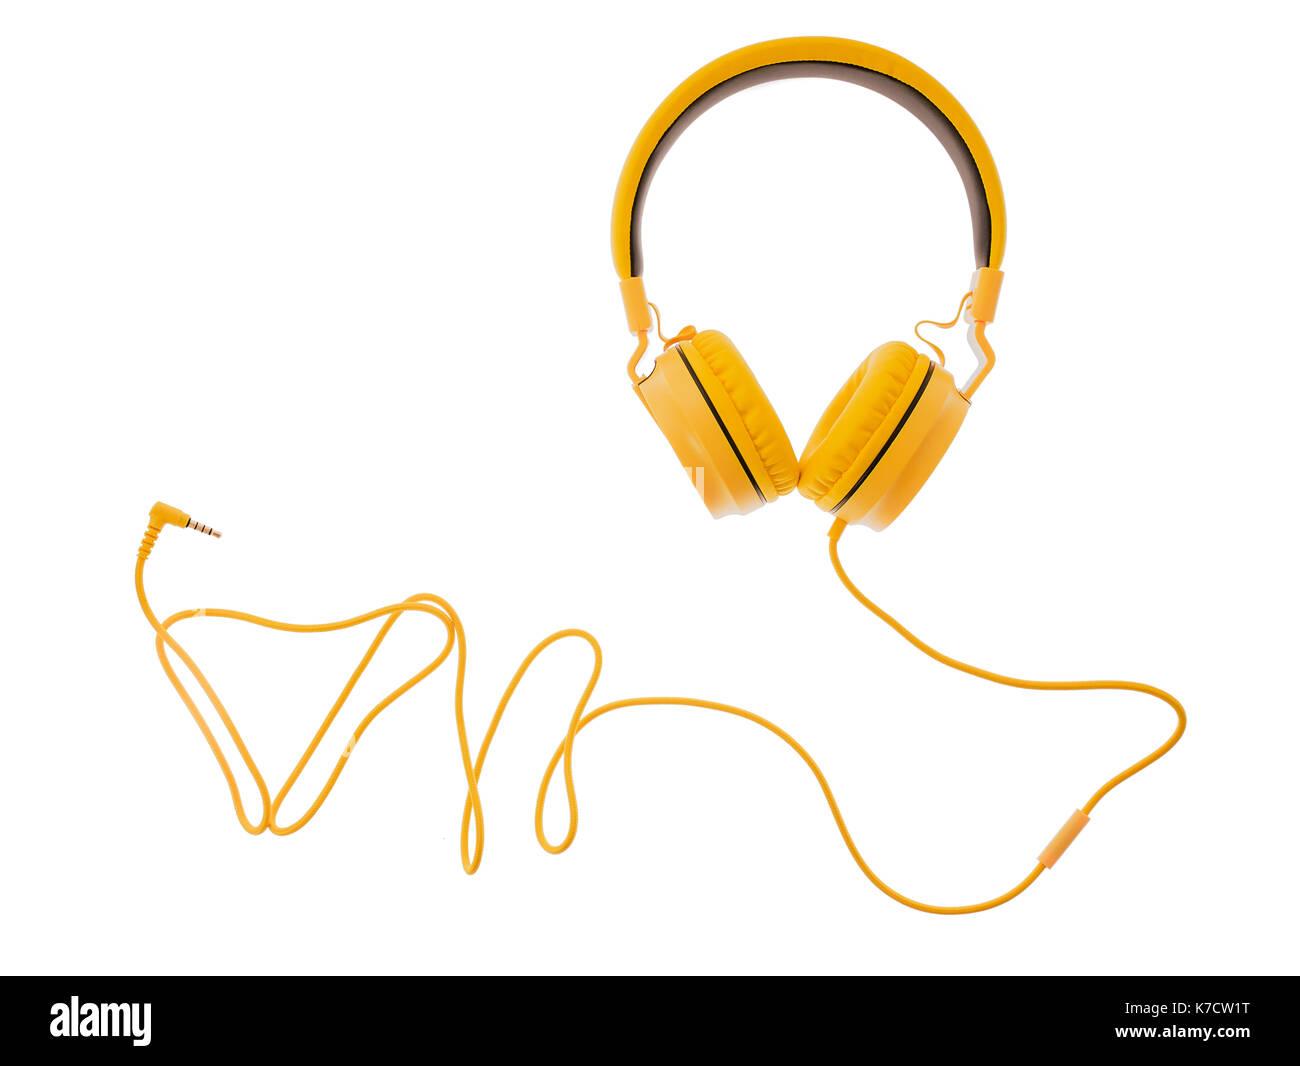 Casque écouteur jaune ou ordinateur isolé sur fond blanc Photo Stock